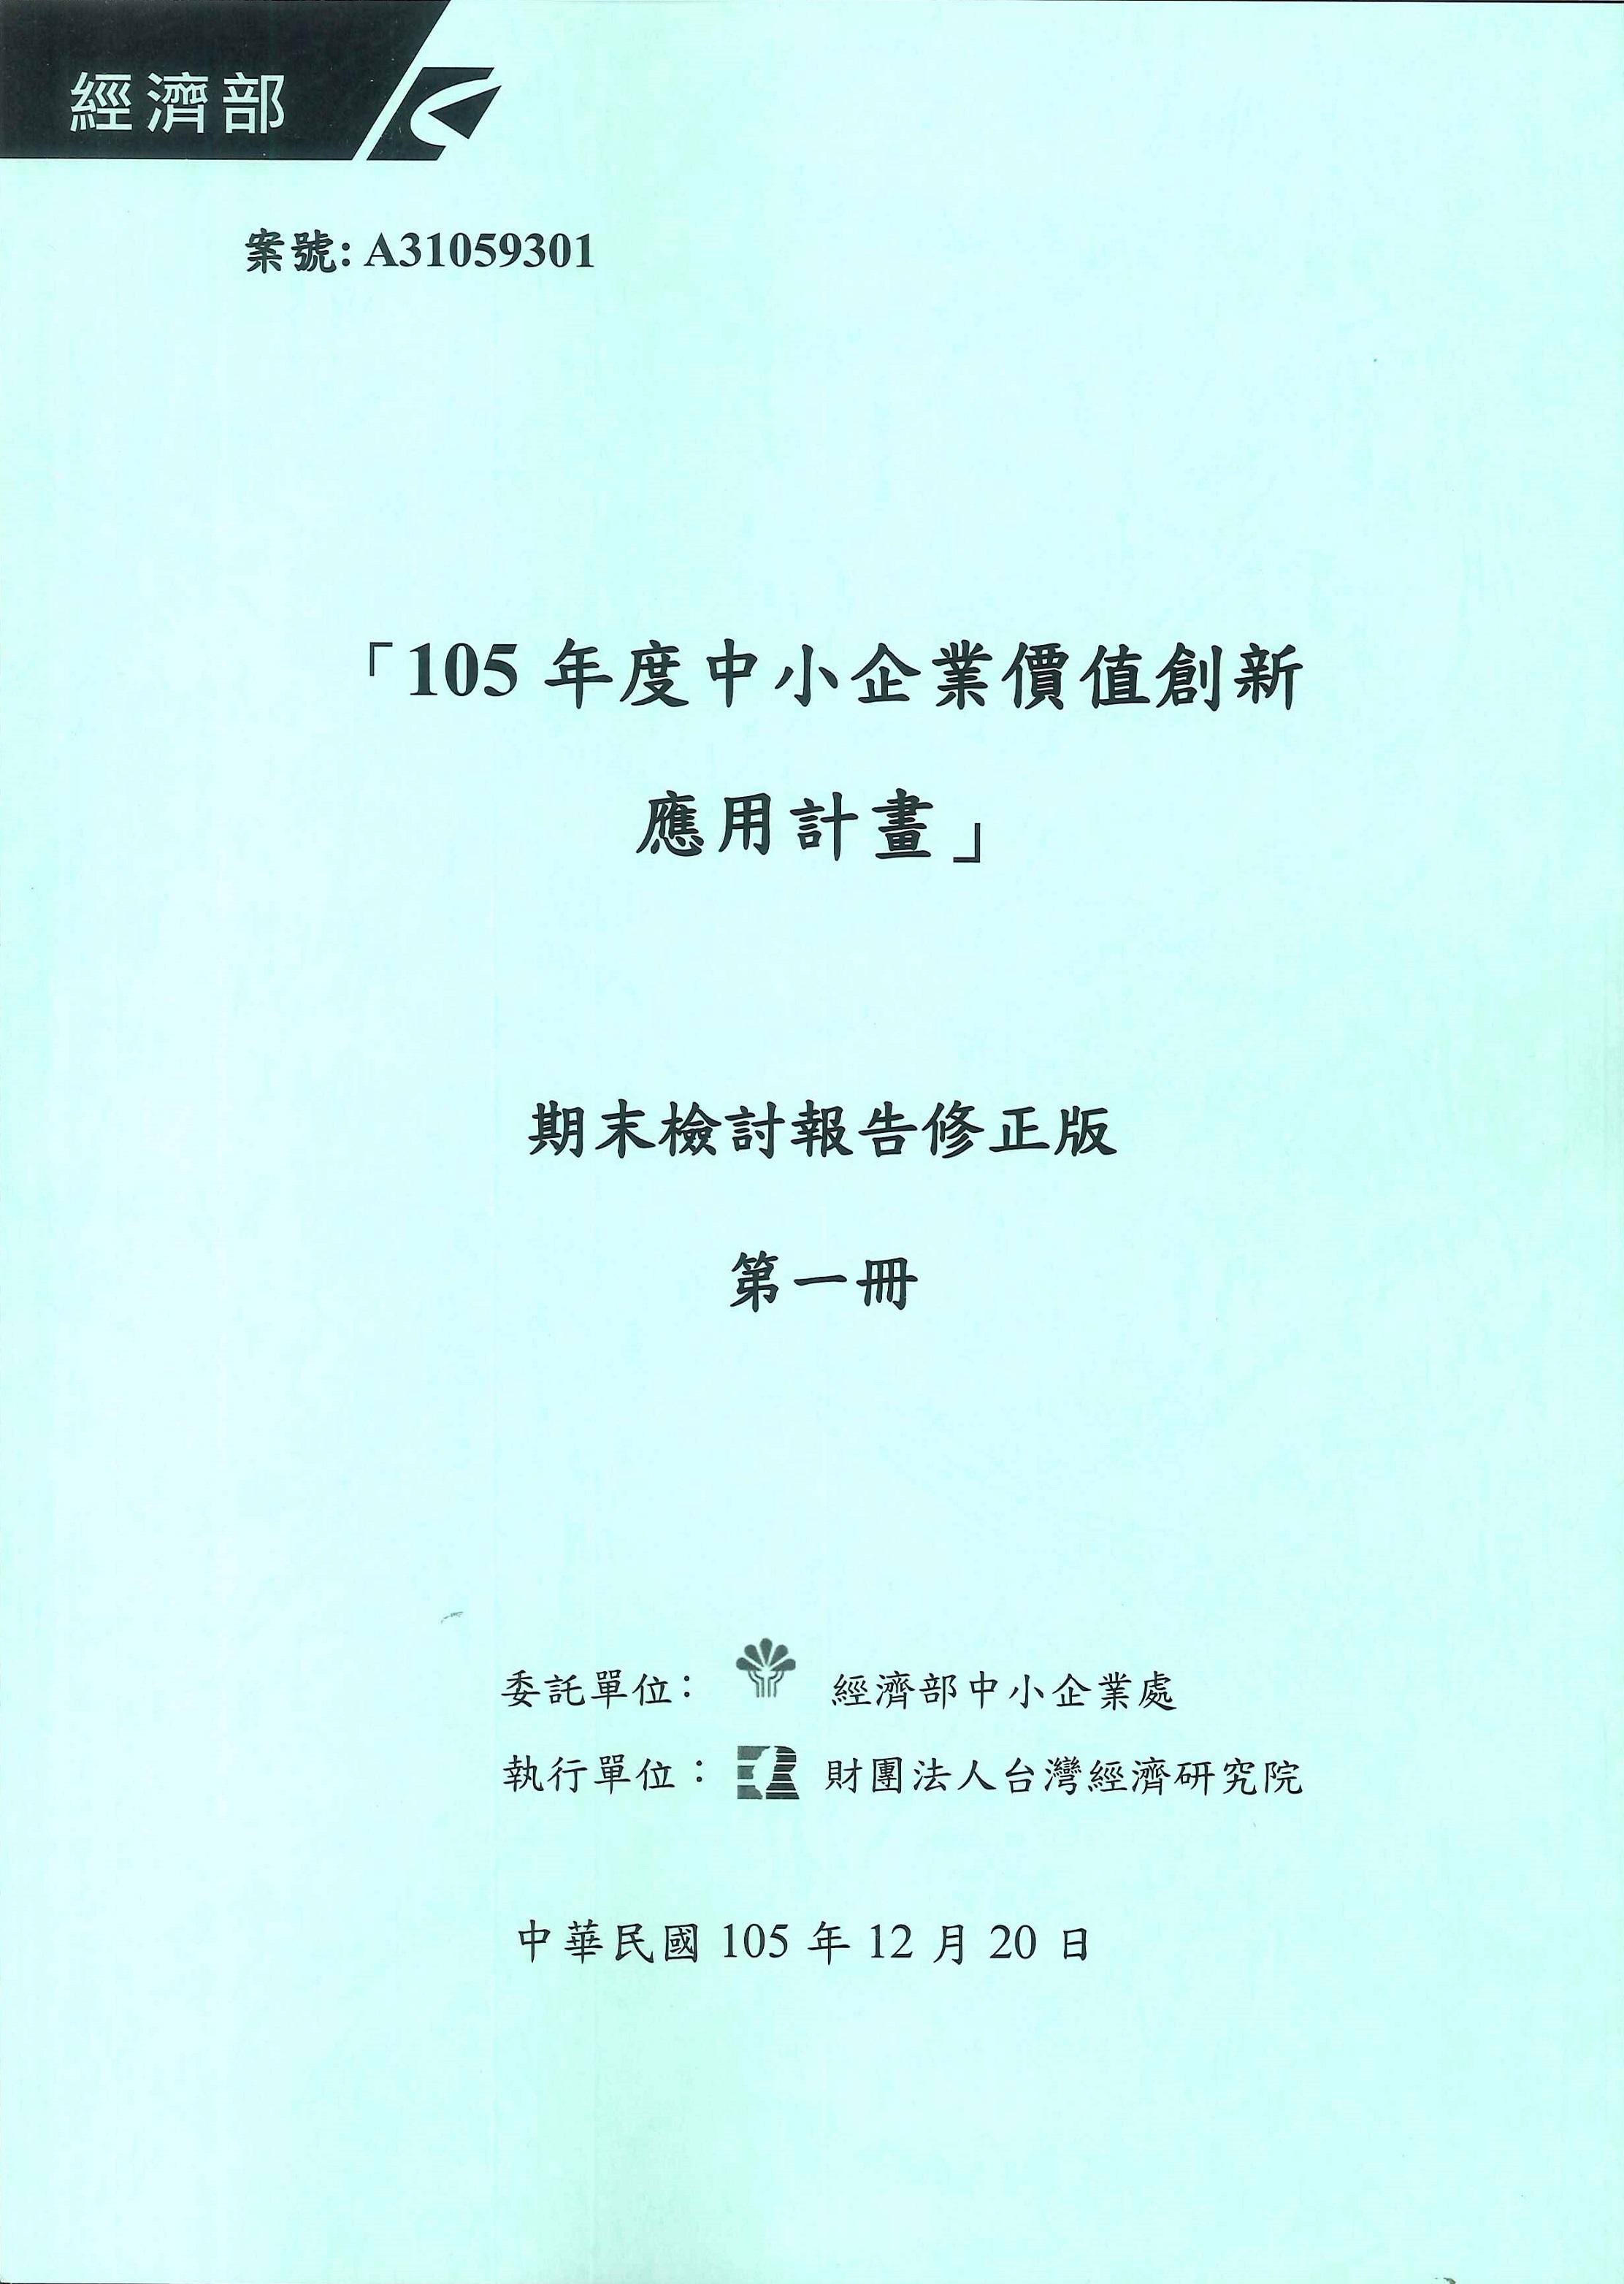 105年度中小企業價值創新應用計畫:期末檢討報告